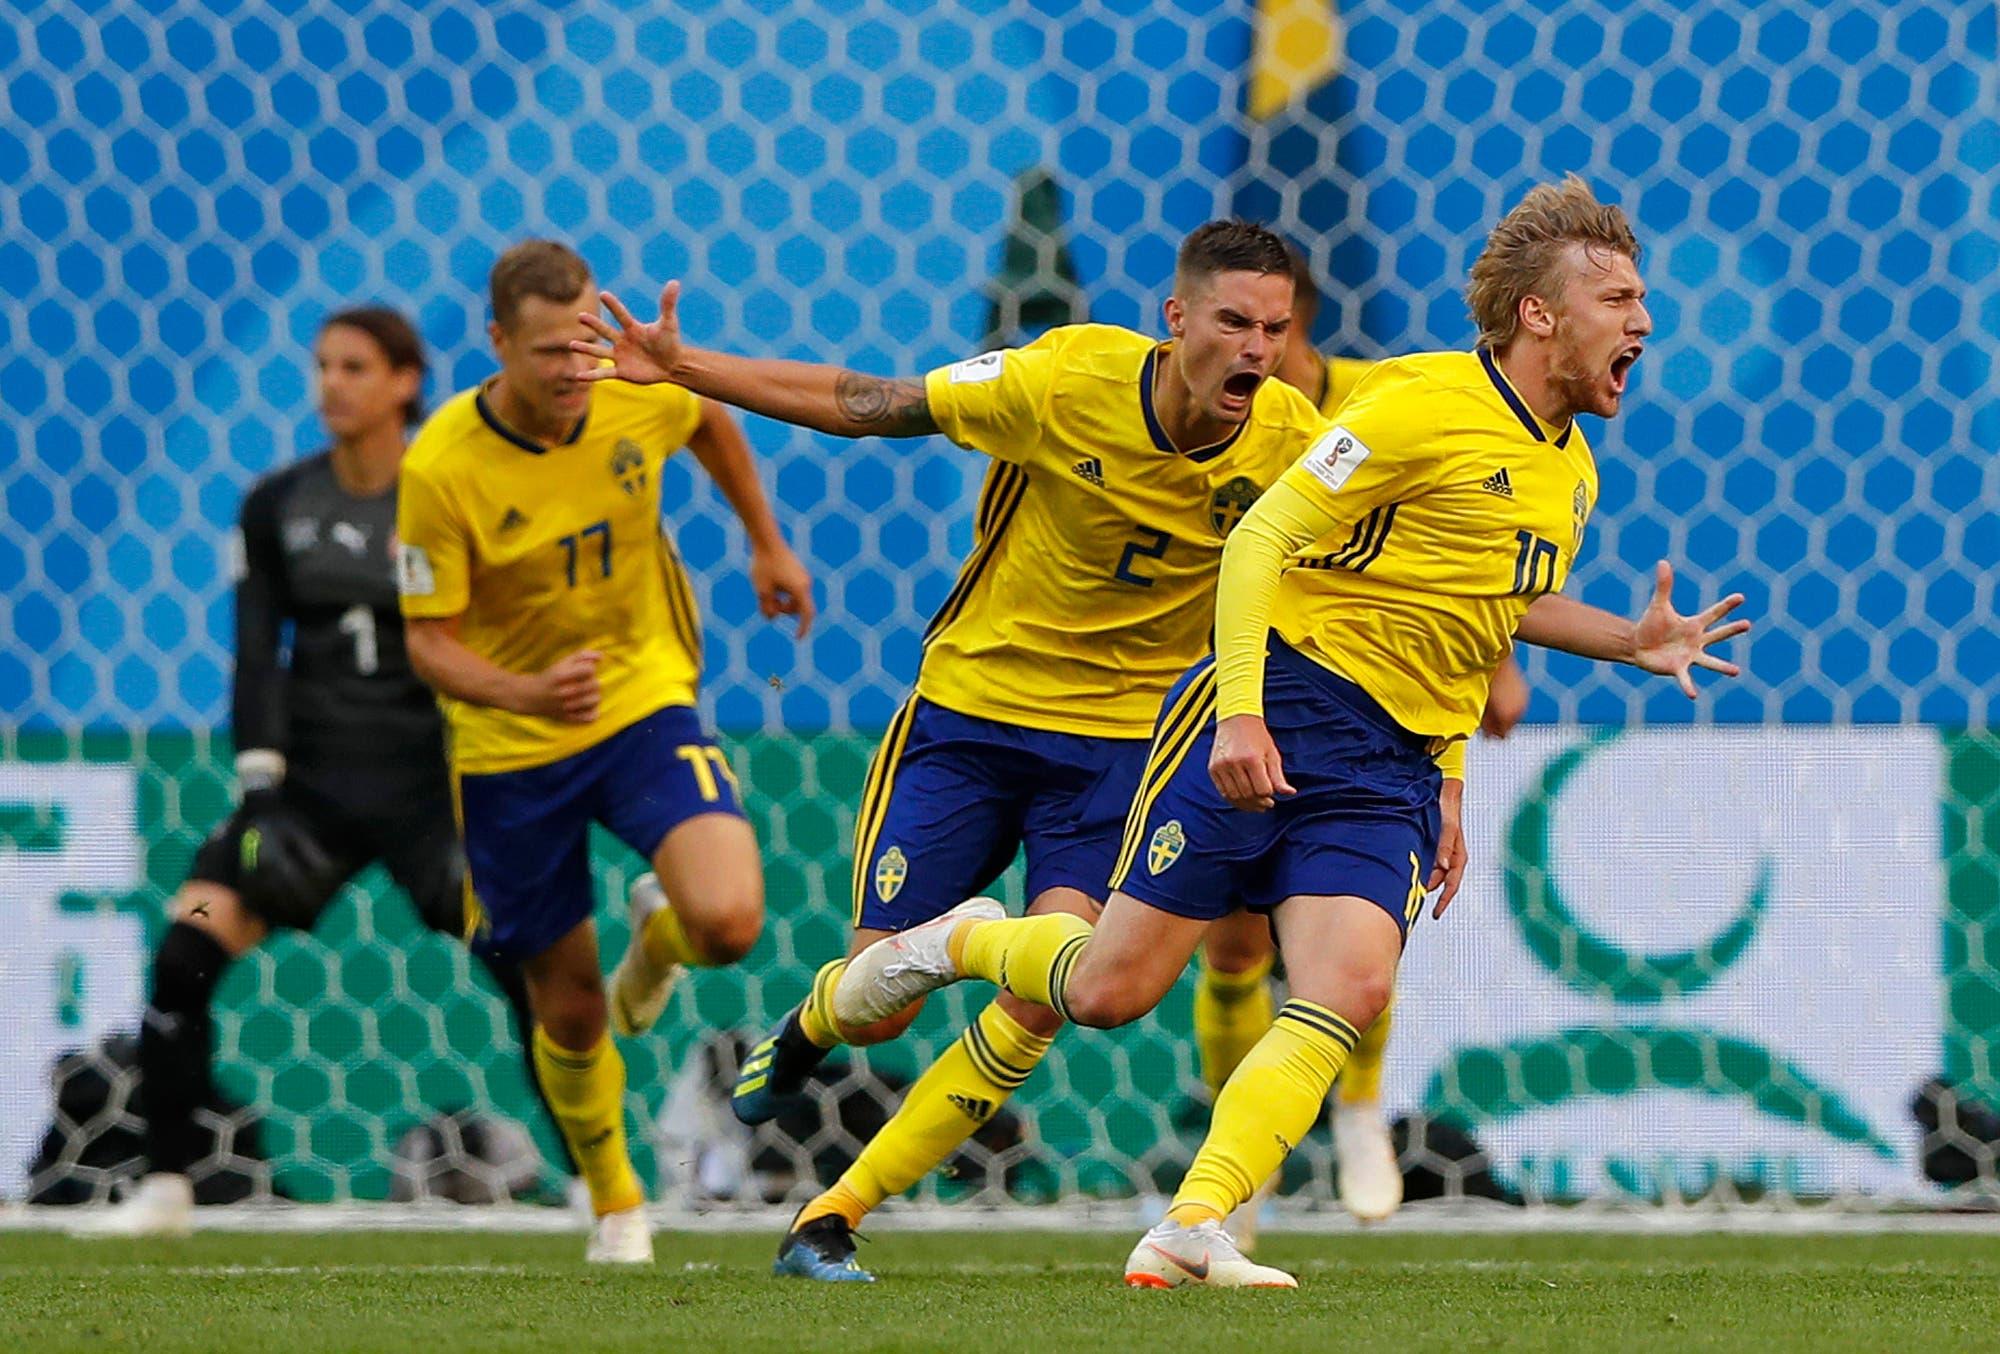 Suecia gana 1-0 a Suiza y se clasifica a cuartos 24 años después